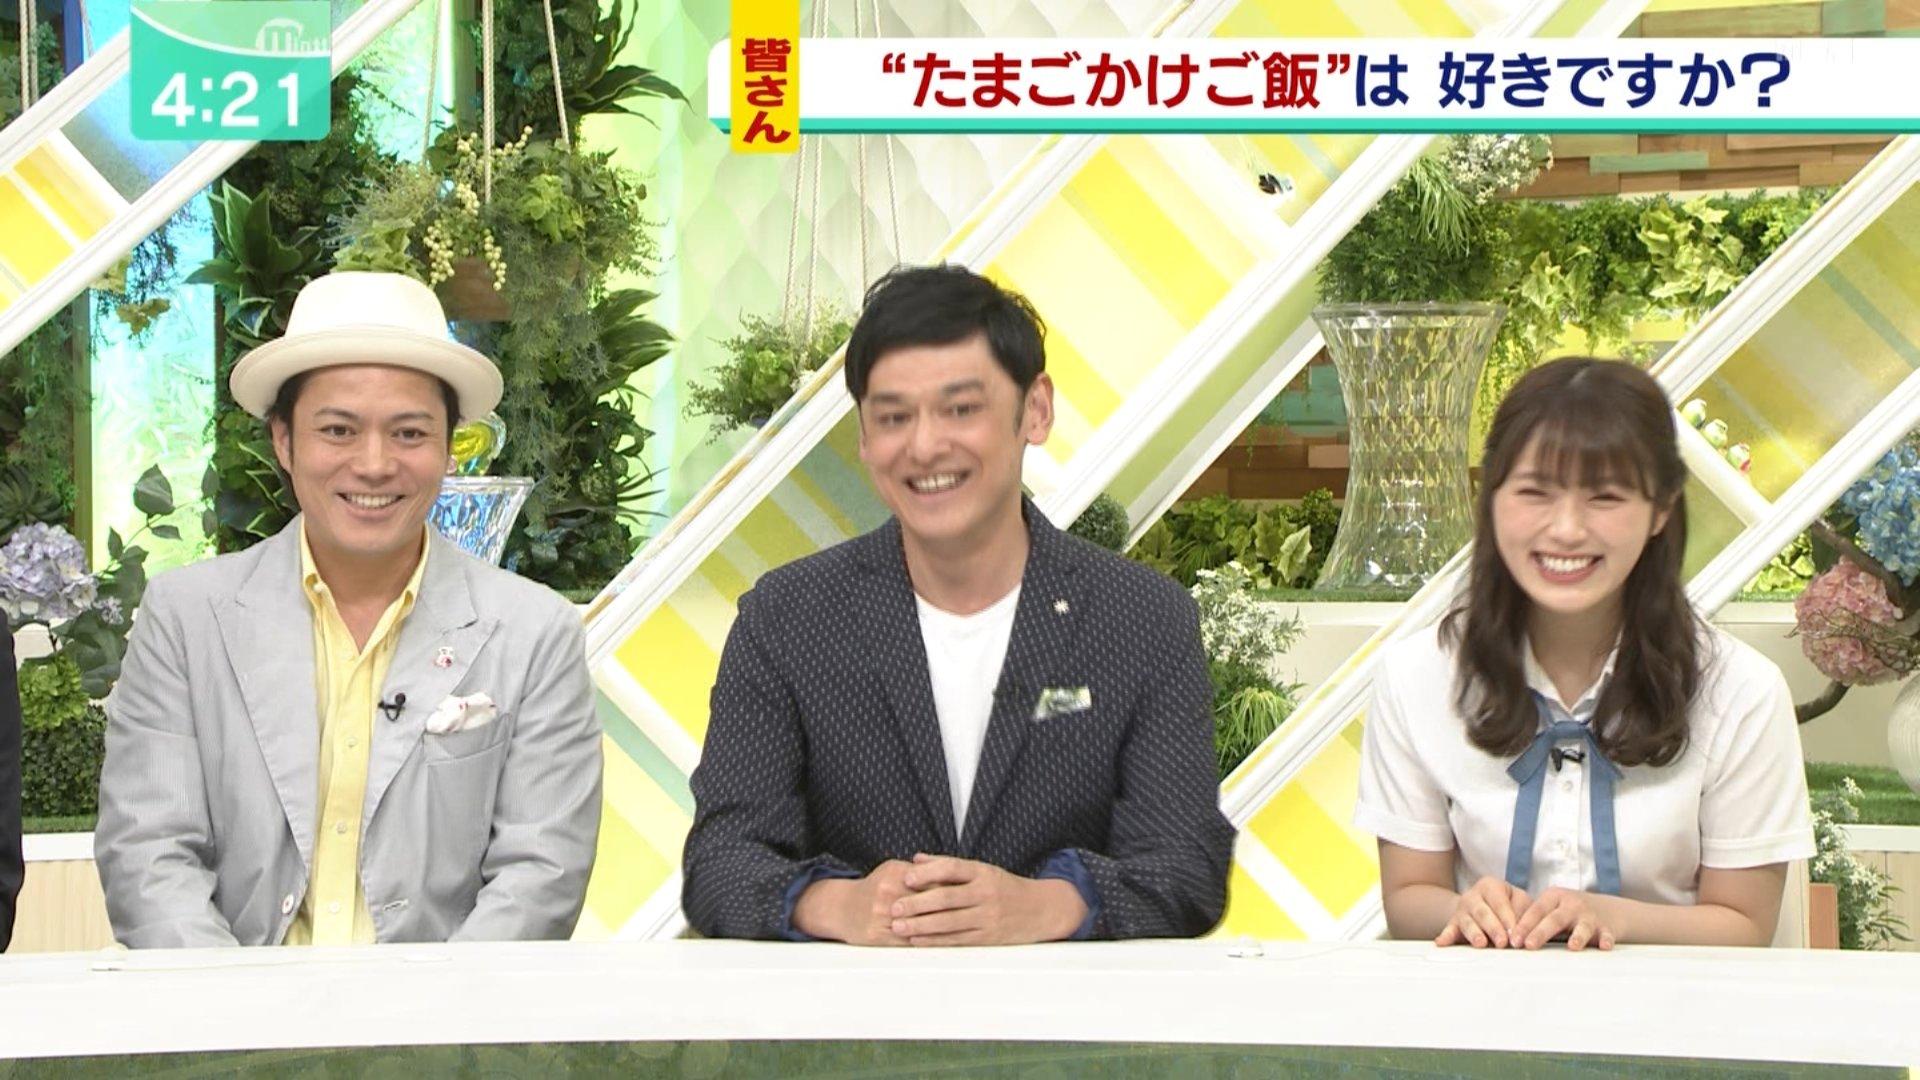 【渋谷凪咲】なぎさ出演6月19日MBSテレビ「ミント!」の画像。